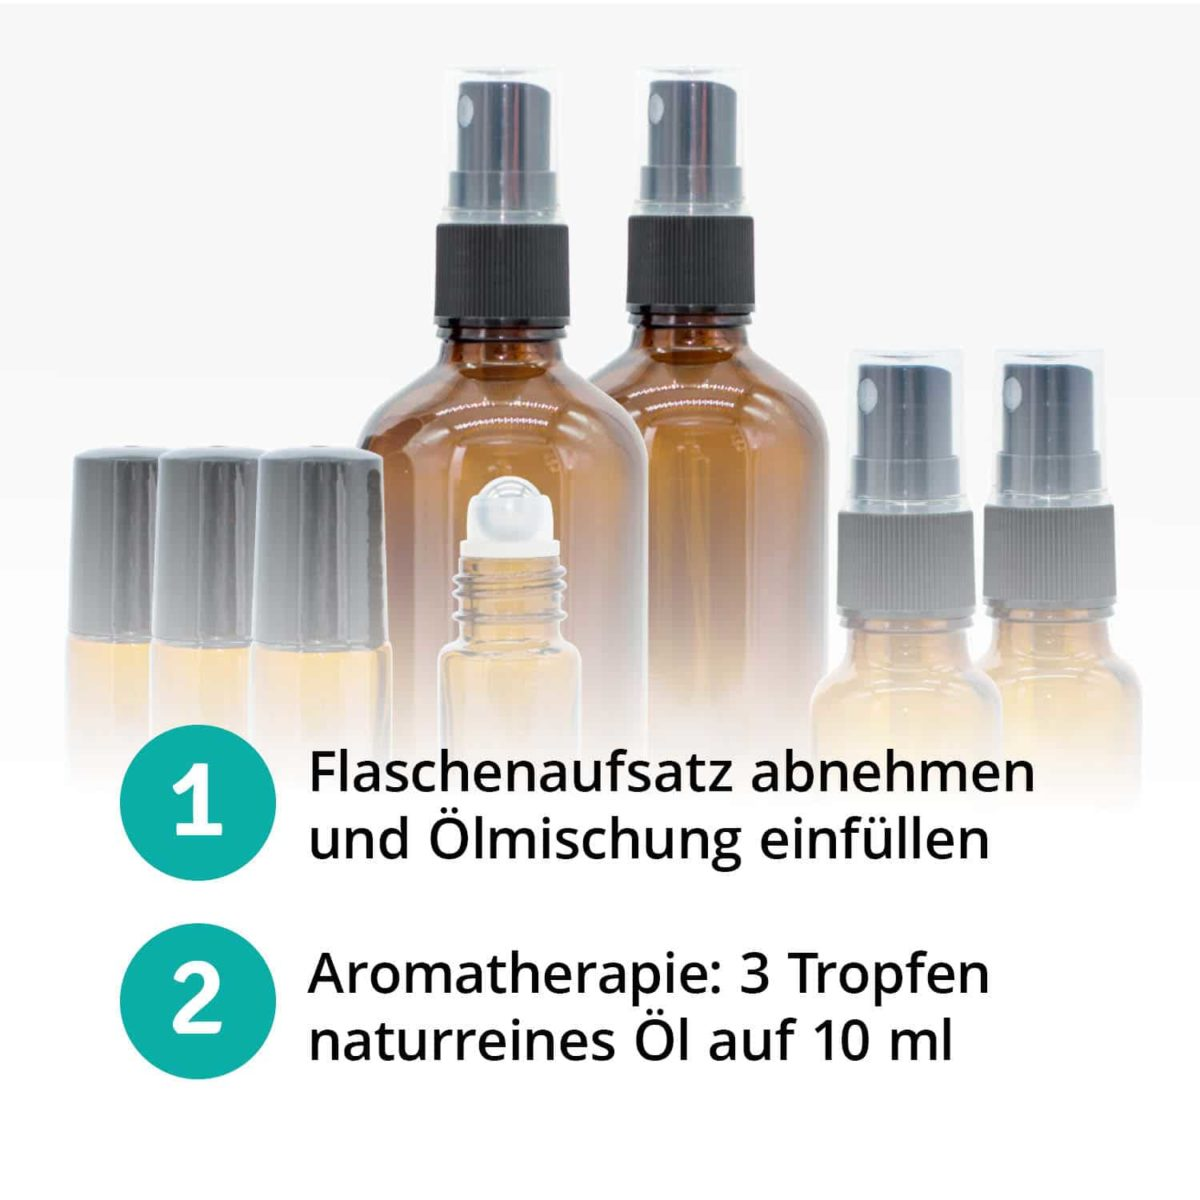 Casida Aromatherapie Einsteiger Set A3230241 Roll On Sprühflasche 10 ml 20 ml 100 ml ätherische Öle Braunglas6